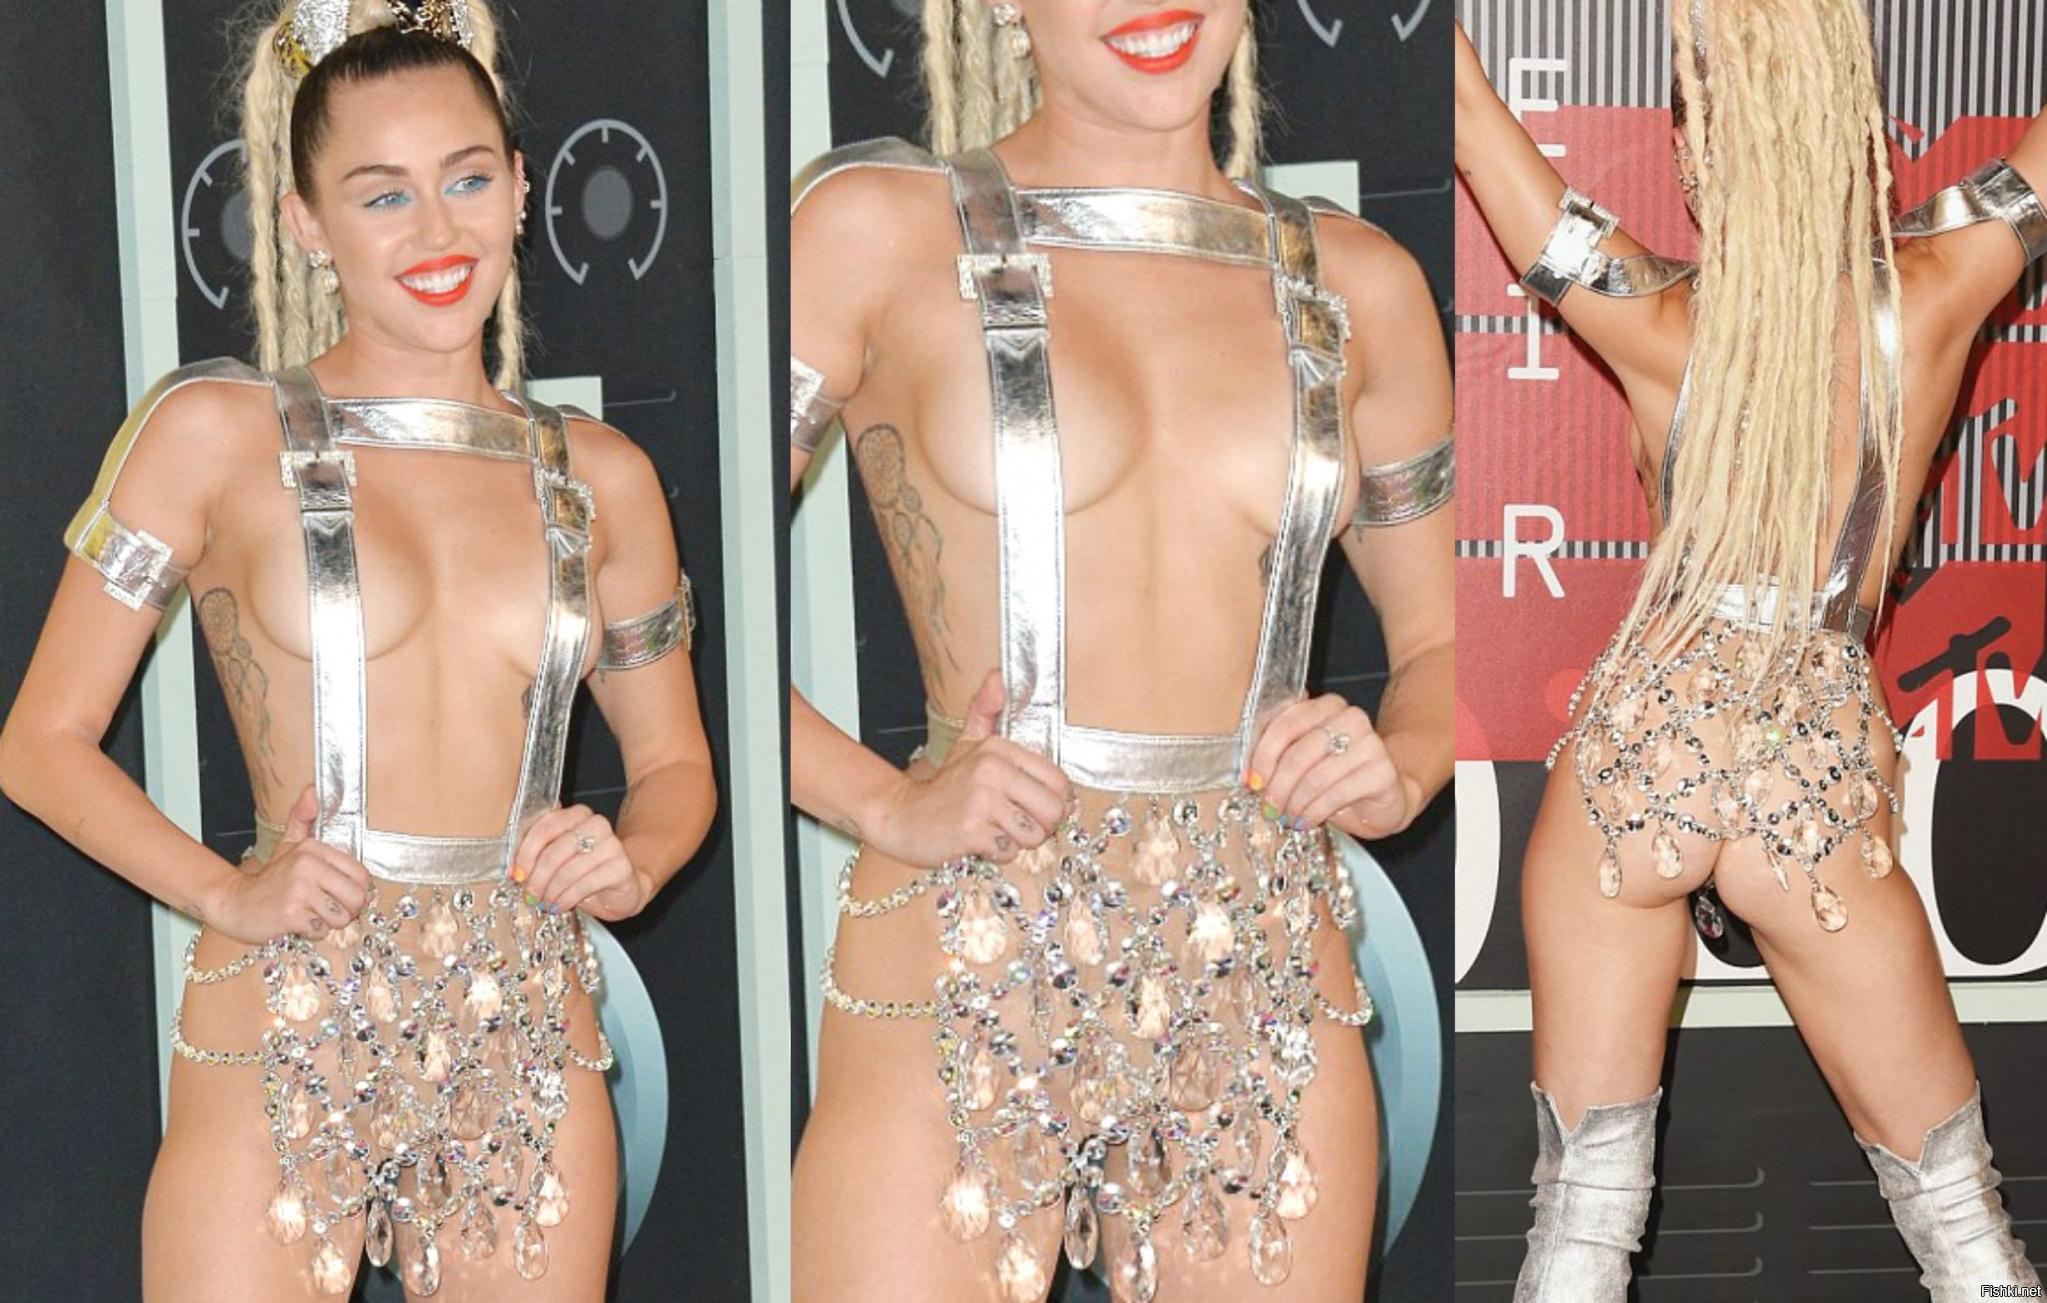 Miley Cyrus Naked Self Shots